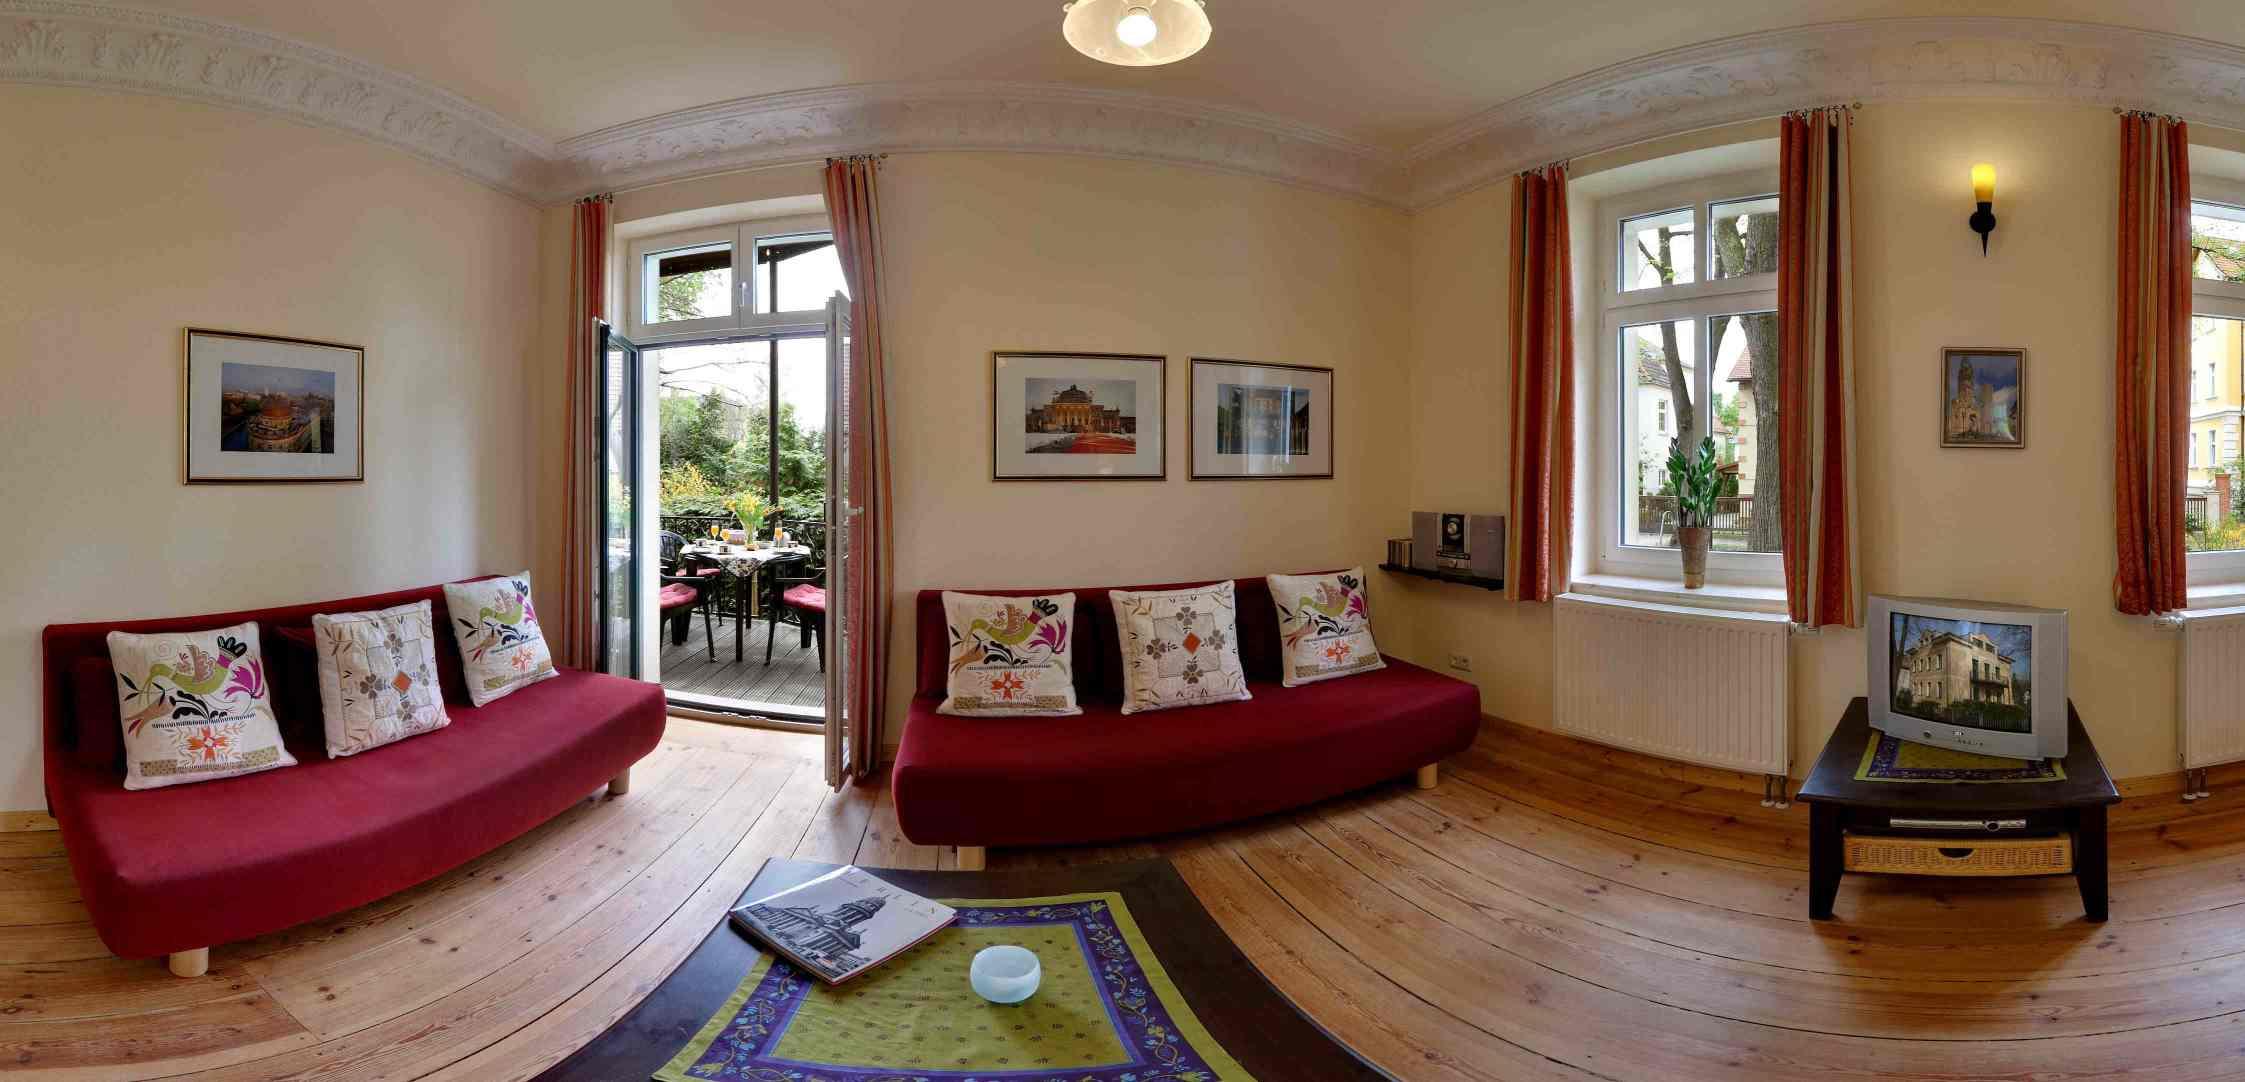 villa seepark berlin ferienwohnung sehr sch ne grosse ferienwohnung eco ferienwohnung. Black Bedroom Furniture Sets. Home Design Ideas